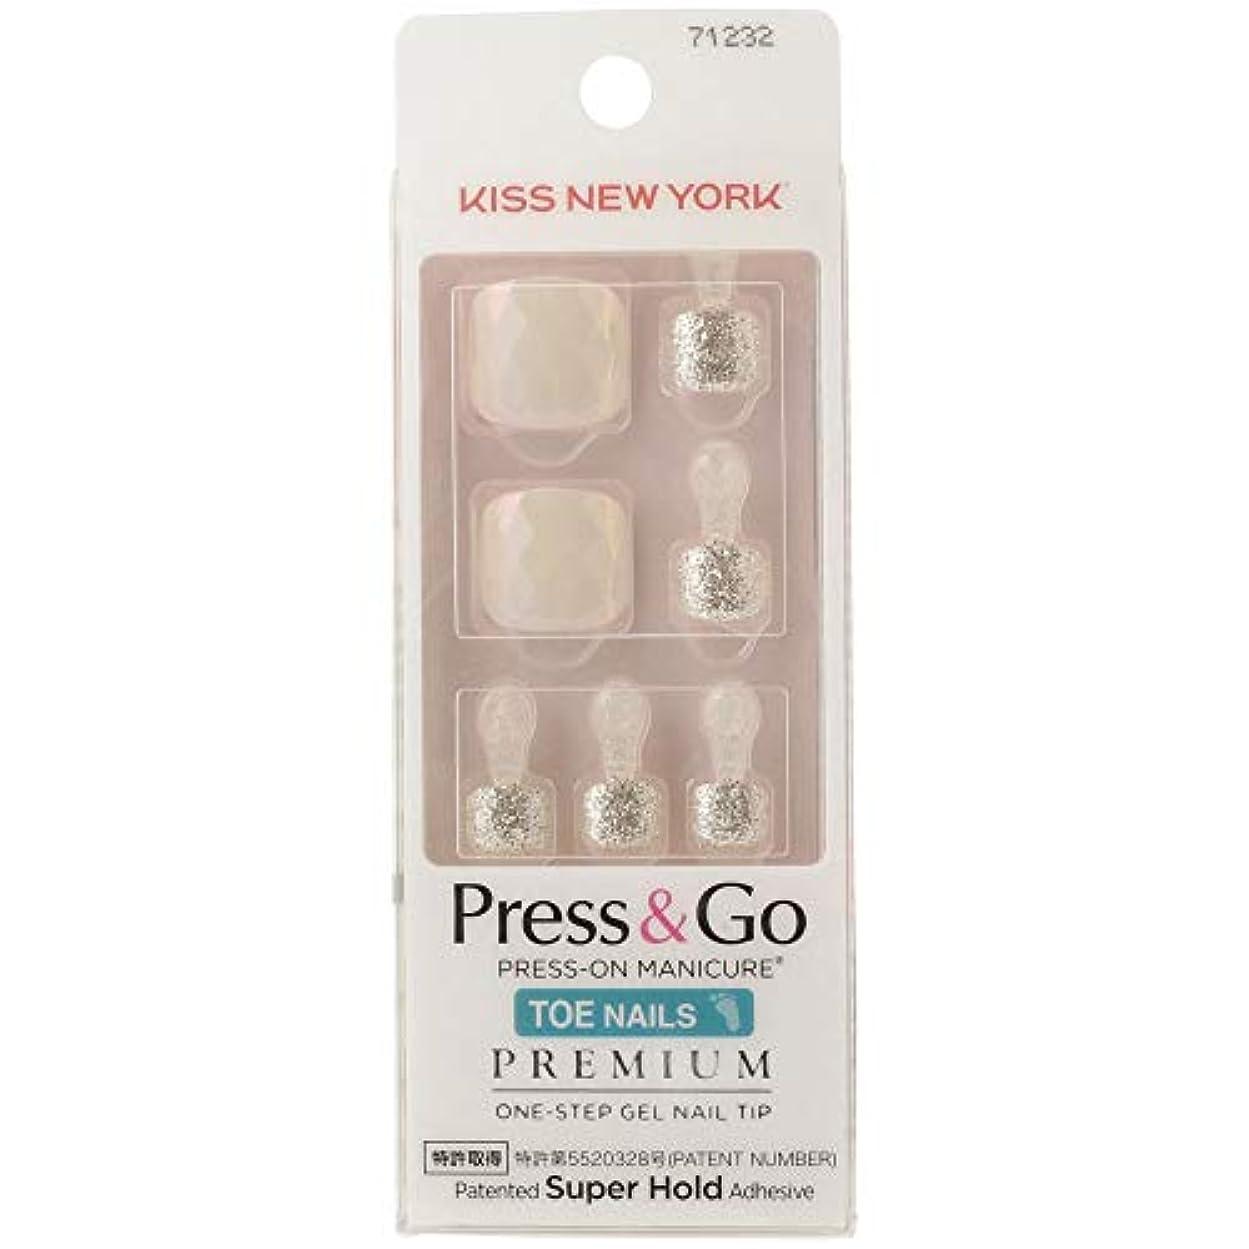 送料侵入するテストキスニューヨーク (KISS NEW YORK) KISS NEWYORK フットネイルチップPress&Go BHJT10J 18g